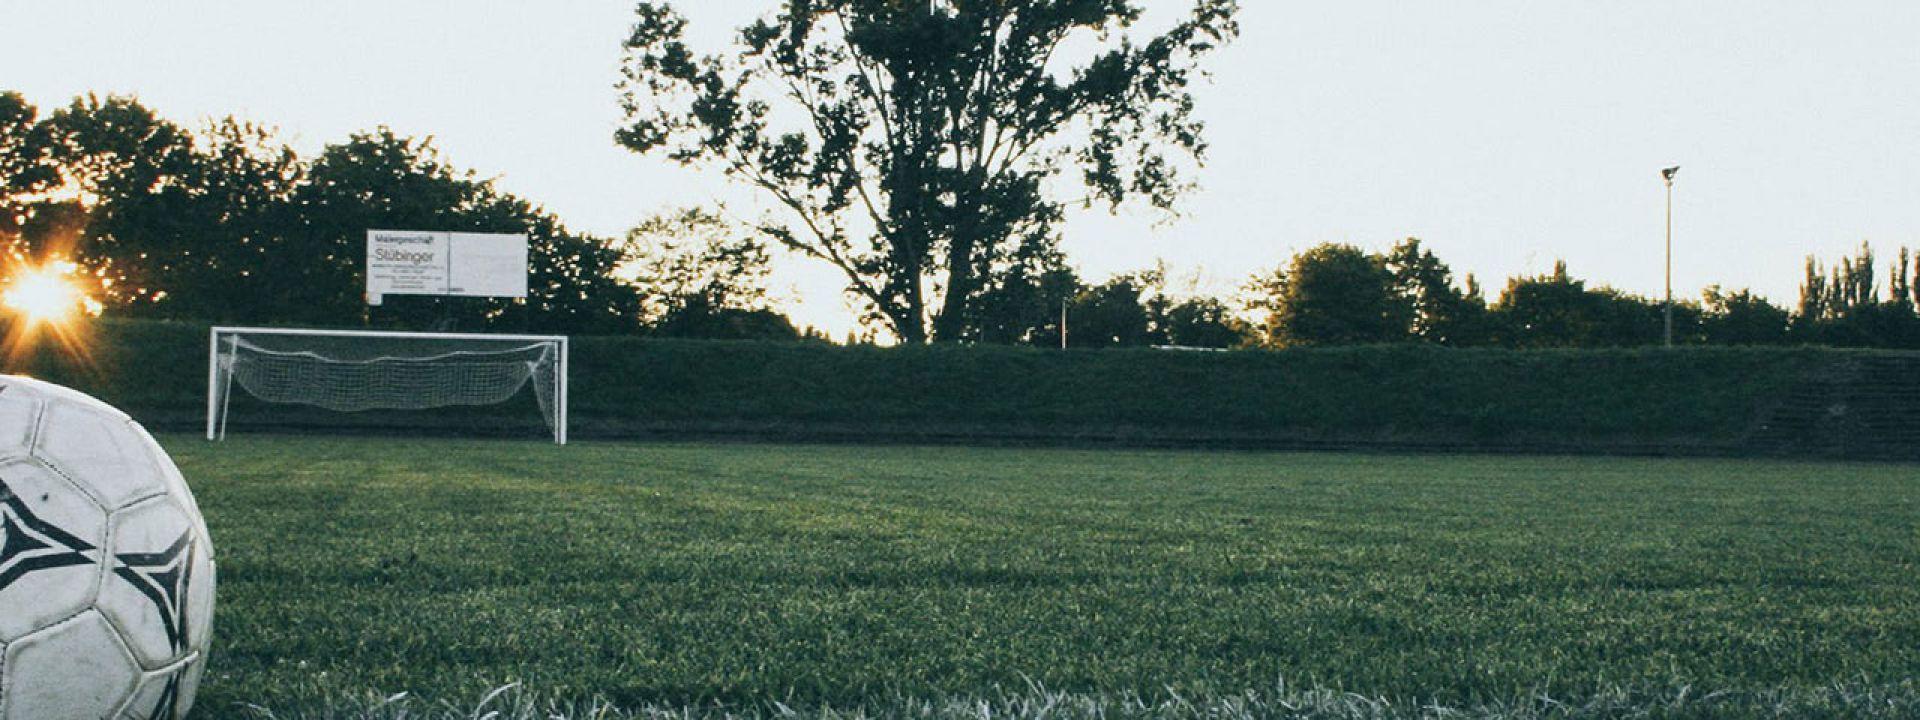 Φωτογραφία από το ποδοσφαιρικό γρασίδι